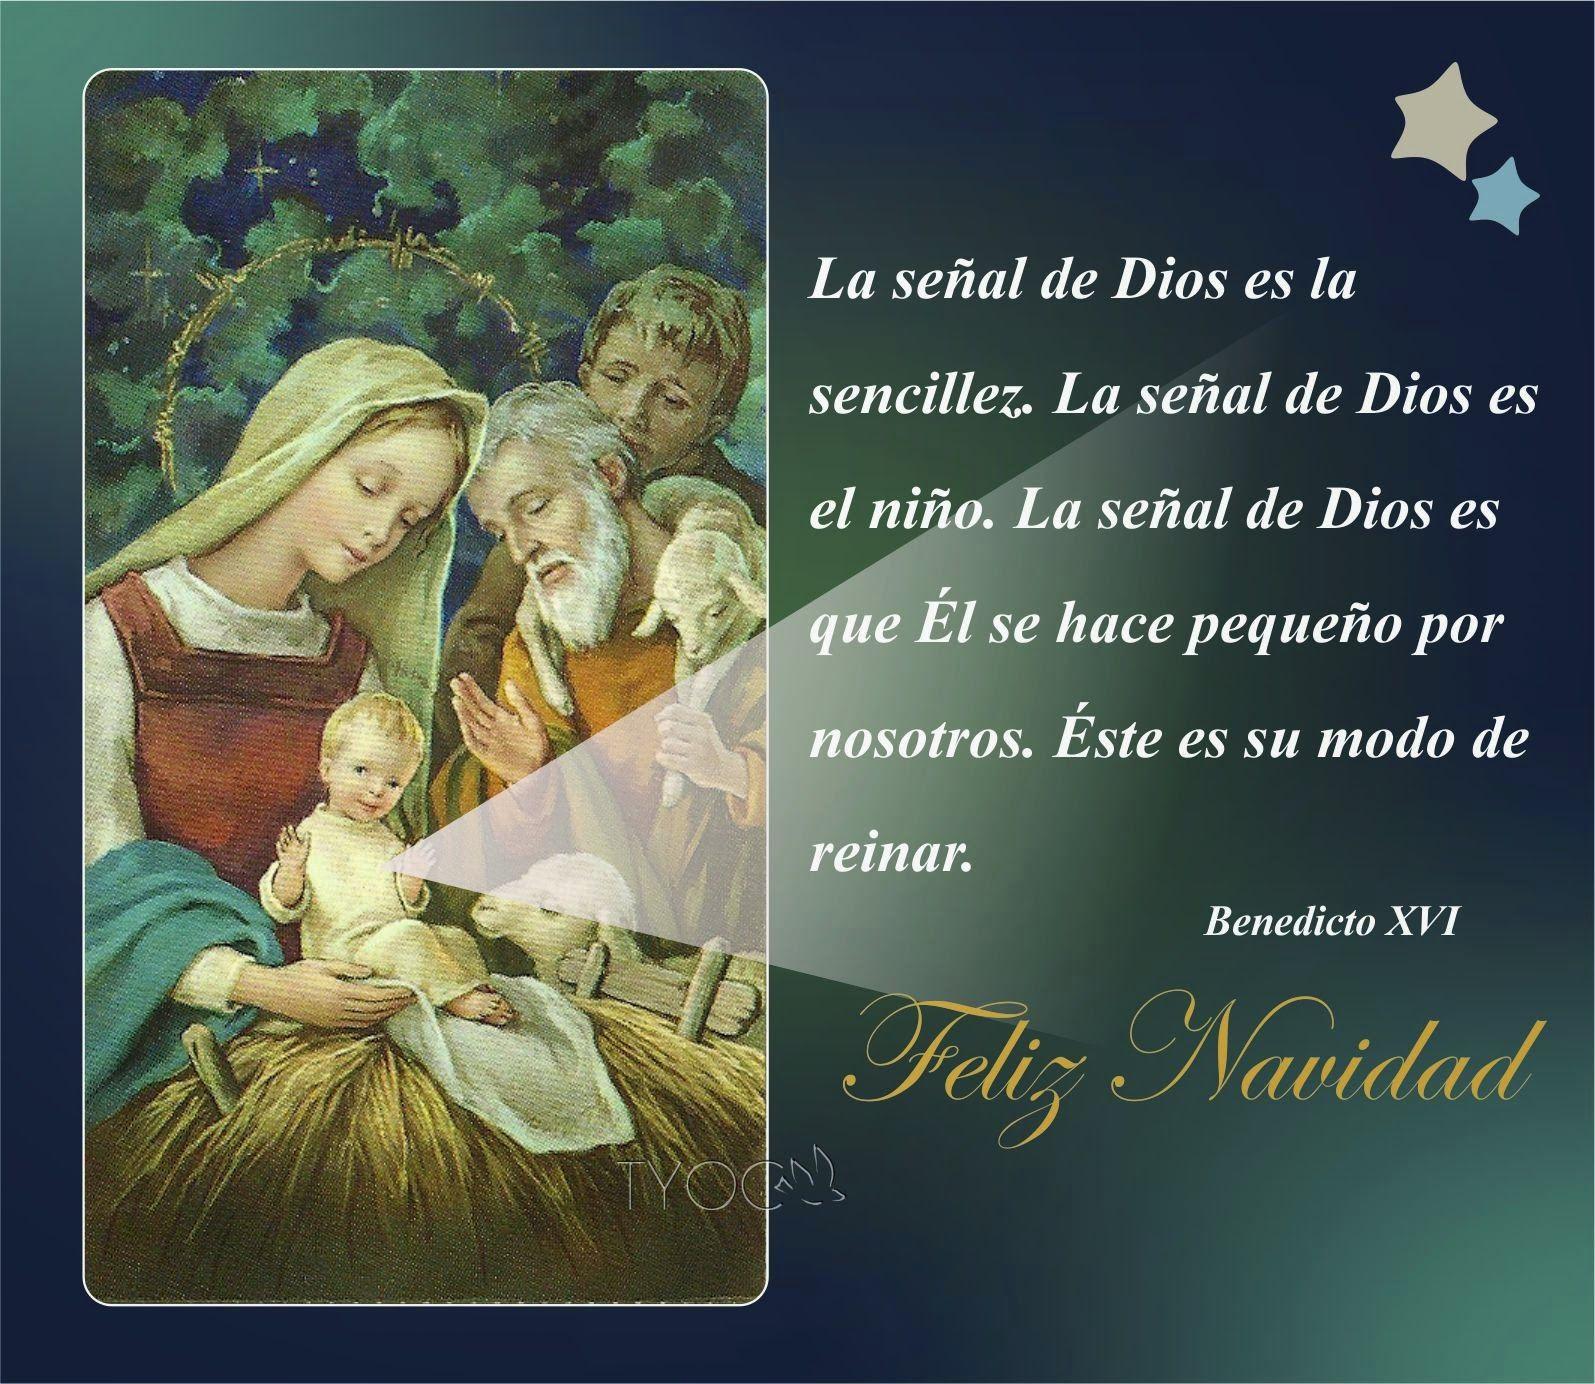 Tarjetas y oraciones catolicas tarjetas navide as con - Mensajes de feliz navidad ...